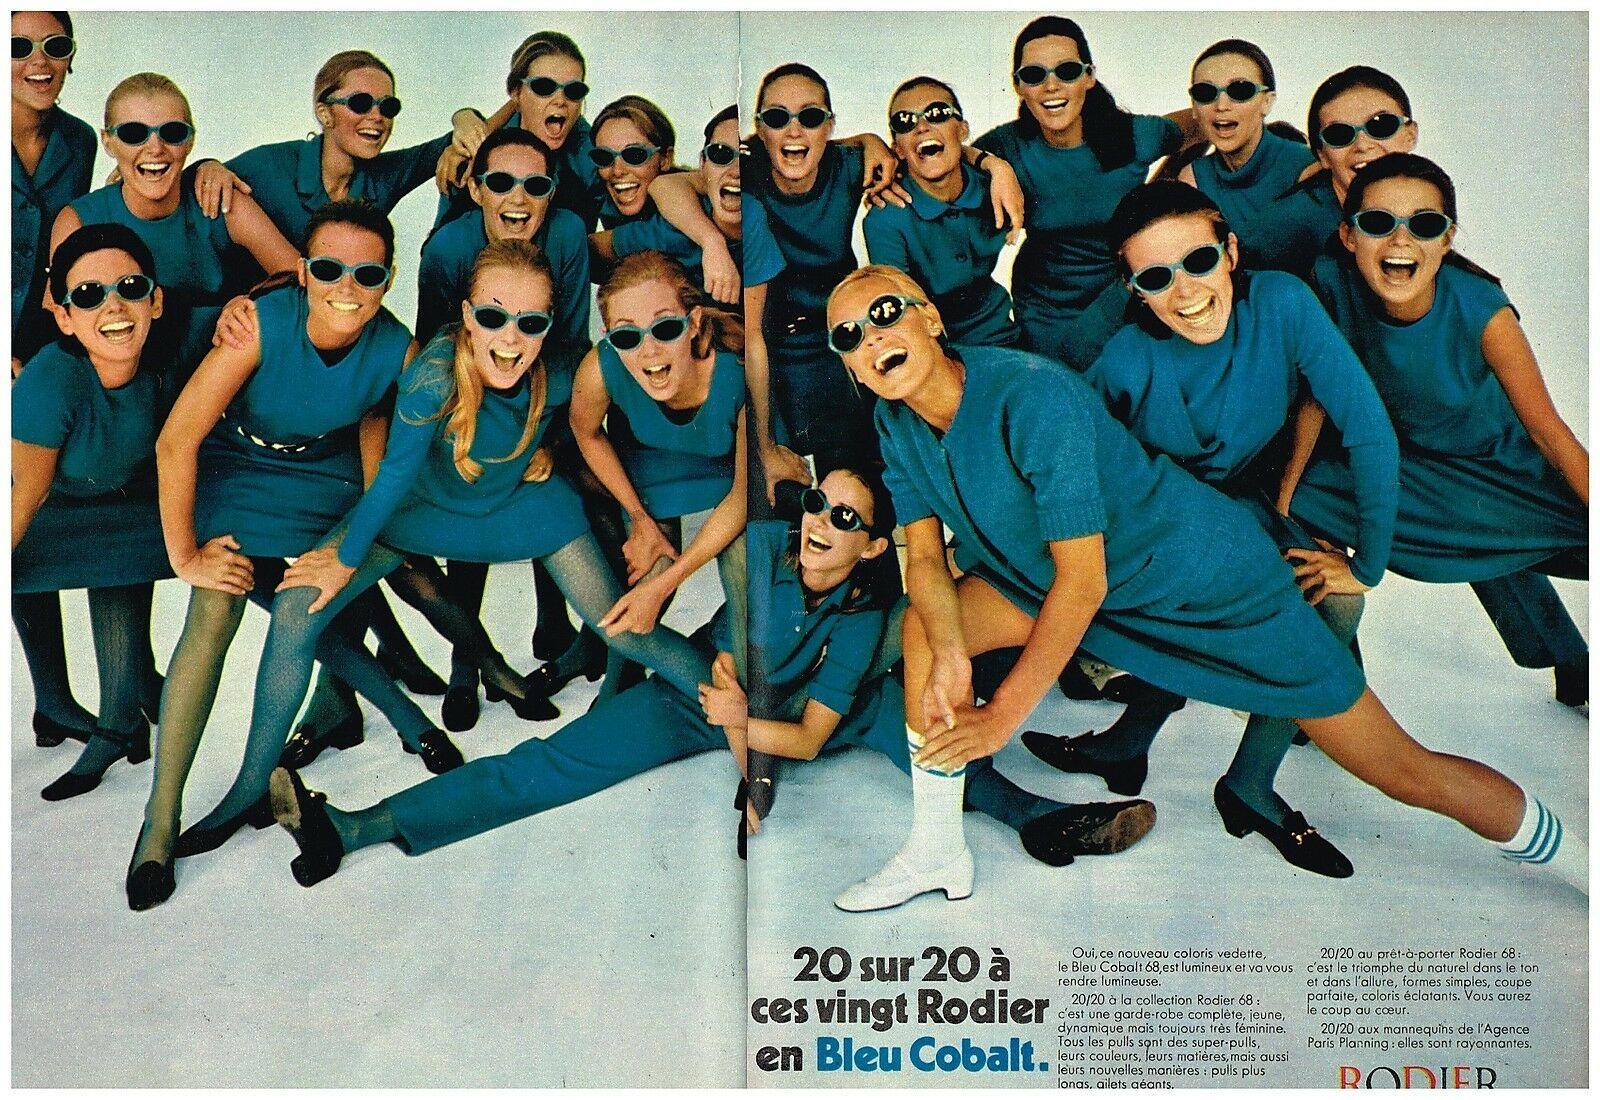 1968 RODIER Bleu Cobalt